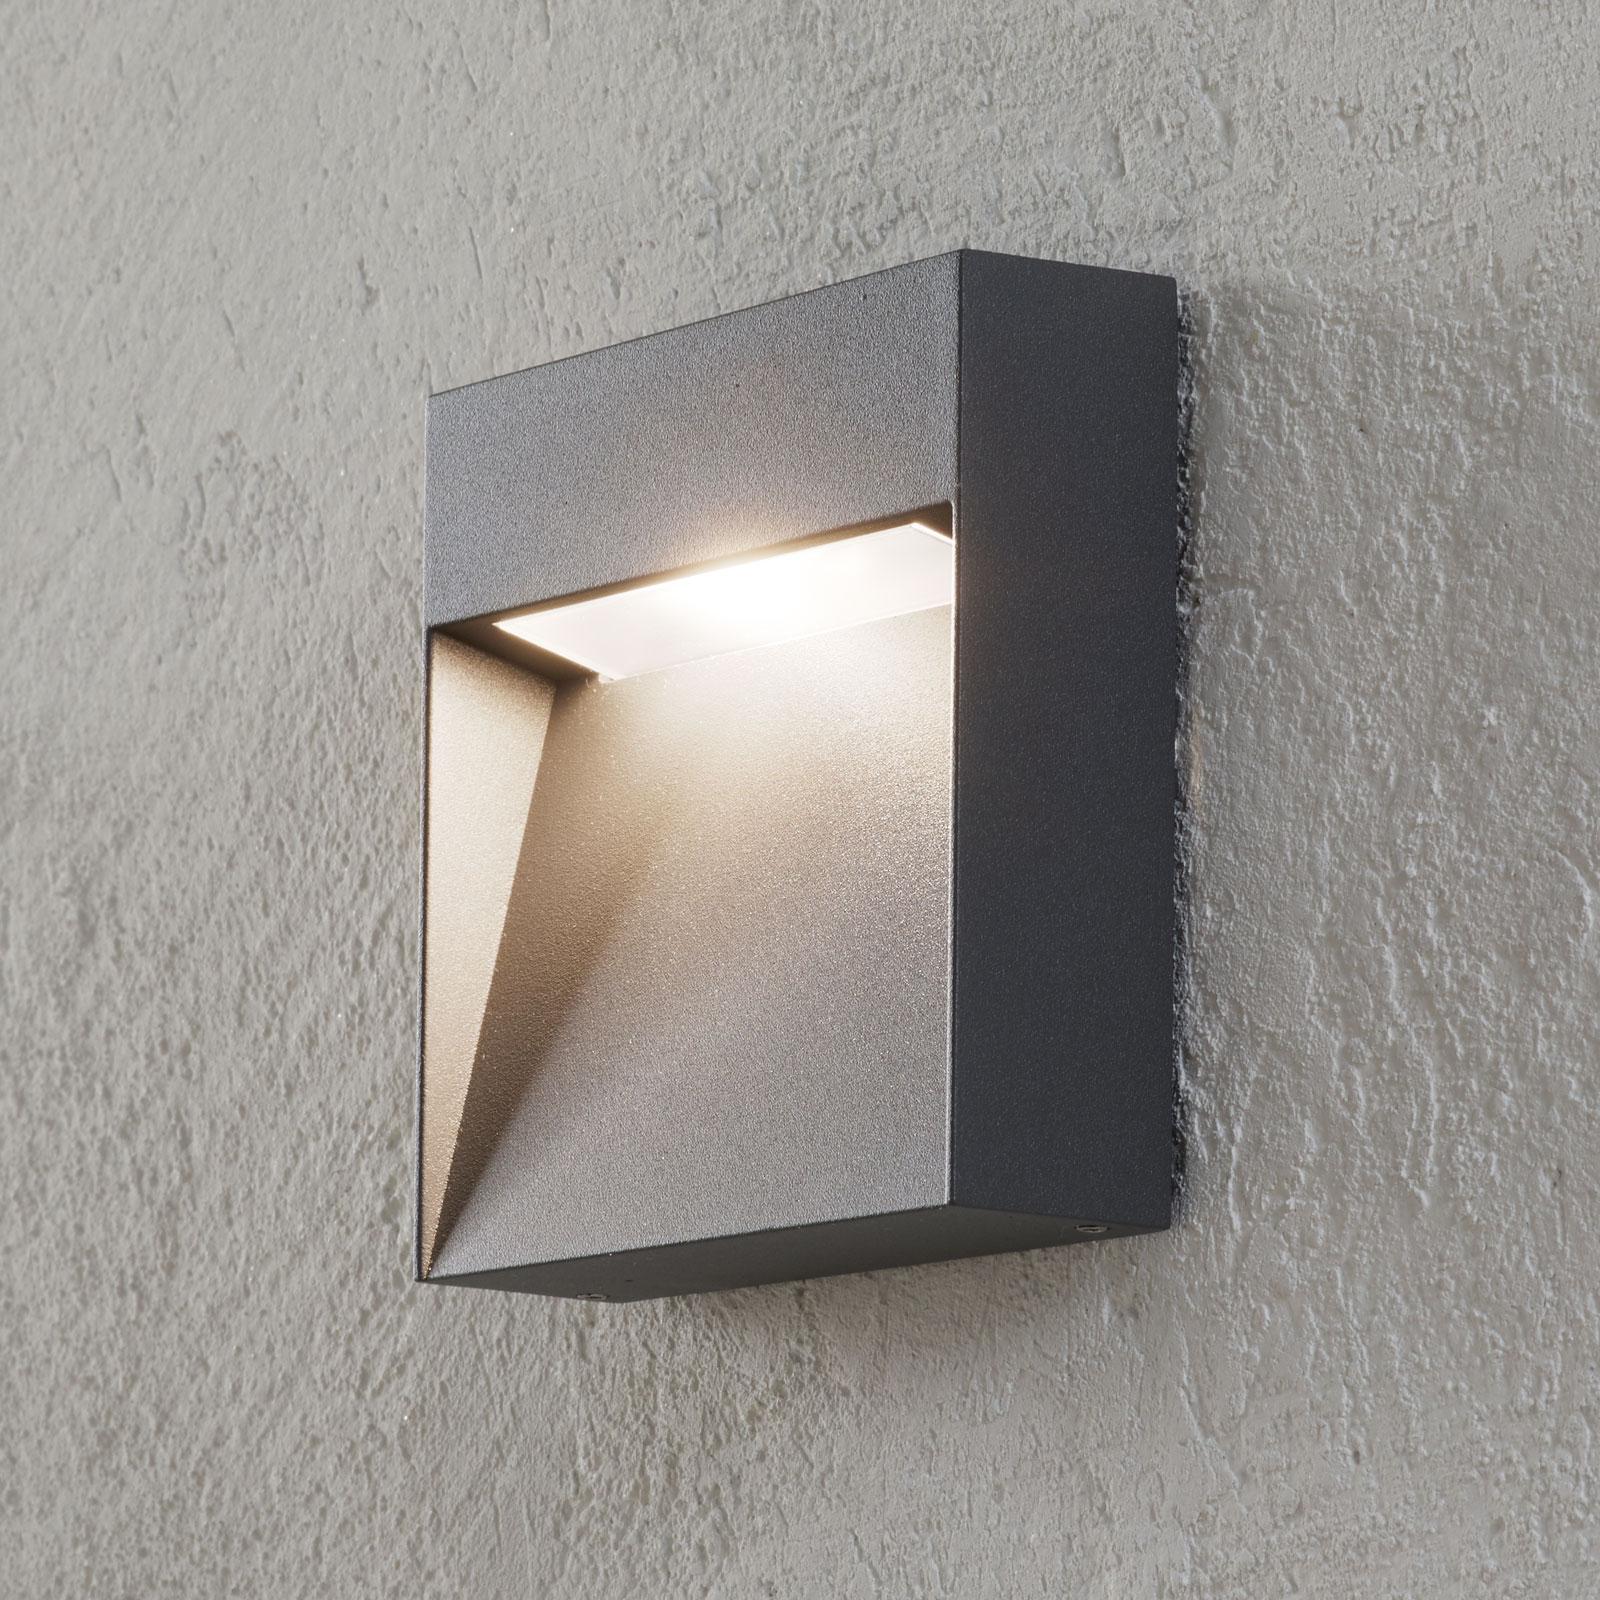 Buitenwandlamp Noreia in hoekige vorm